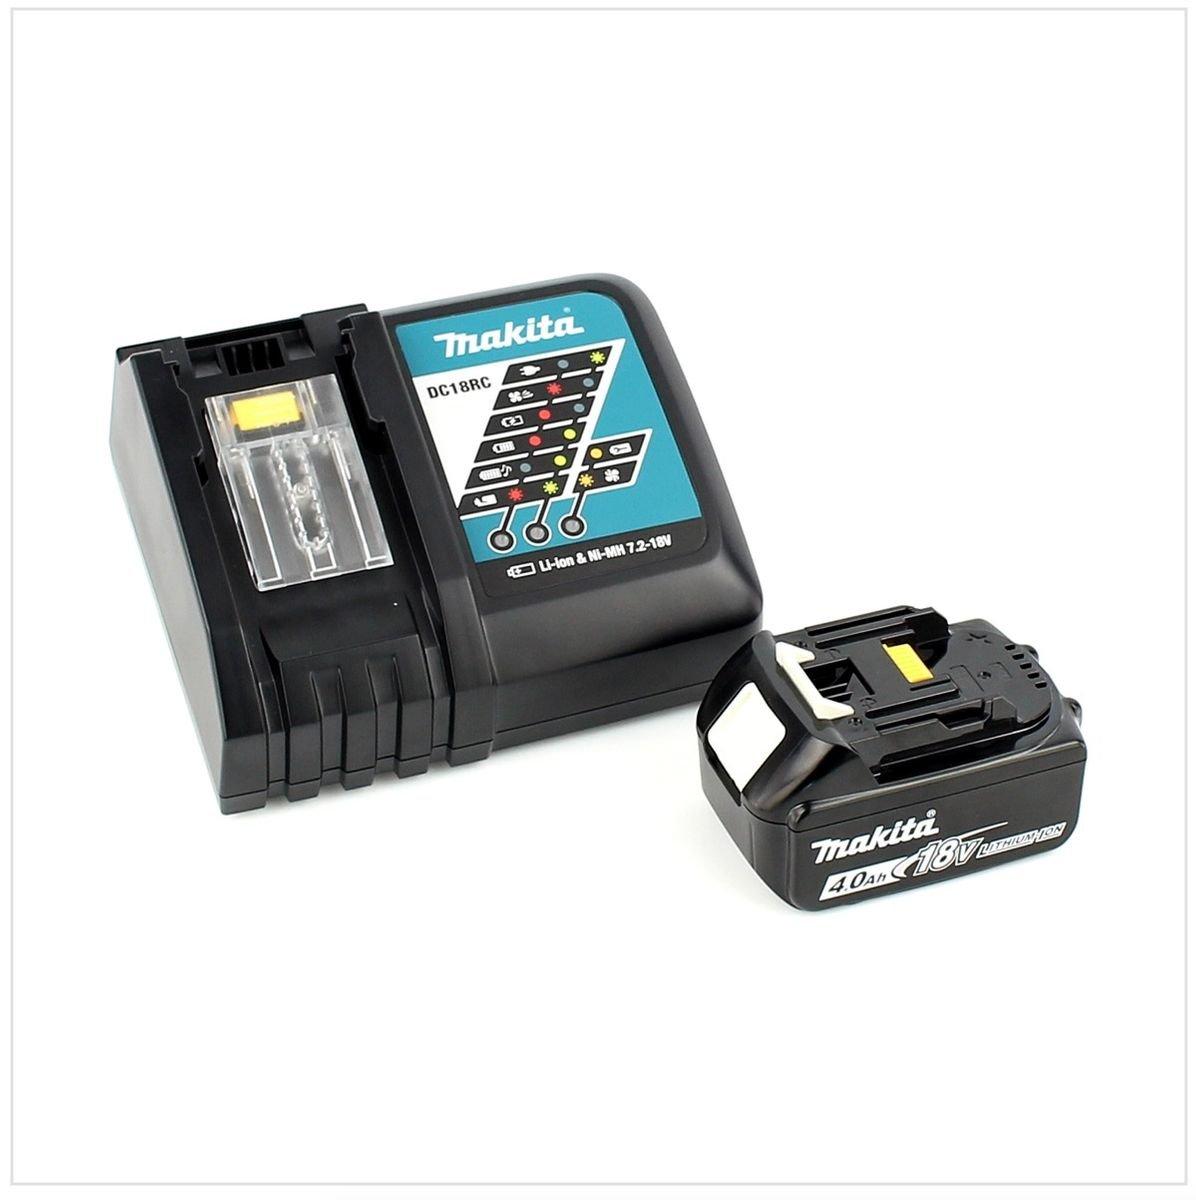 Makita DHP 458 RM1J 18V Li-Ion Perceuse-Visseuse /à Percussion sens fil avec bo/îtier Makpac Chargeur rapide DC 18 RC 1x Batterie BL 1840 4,0 Ah